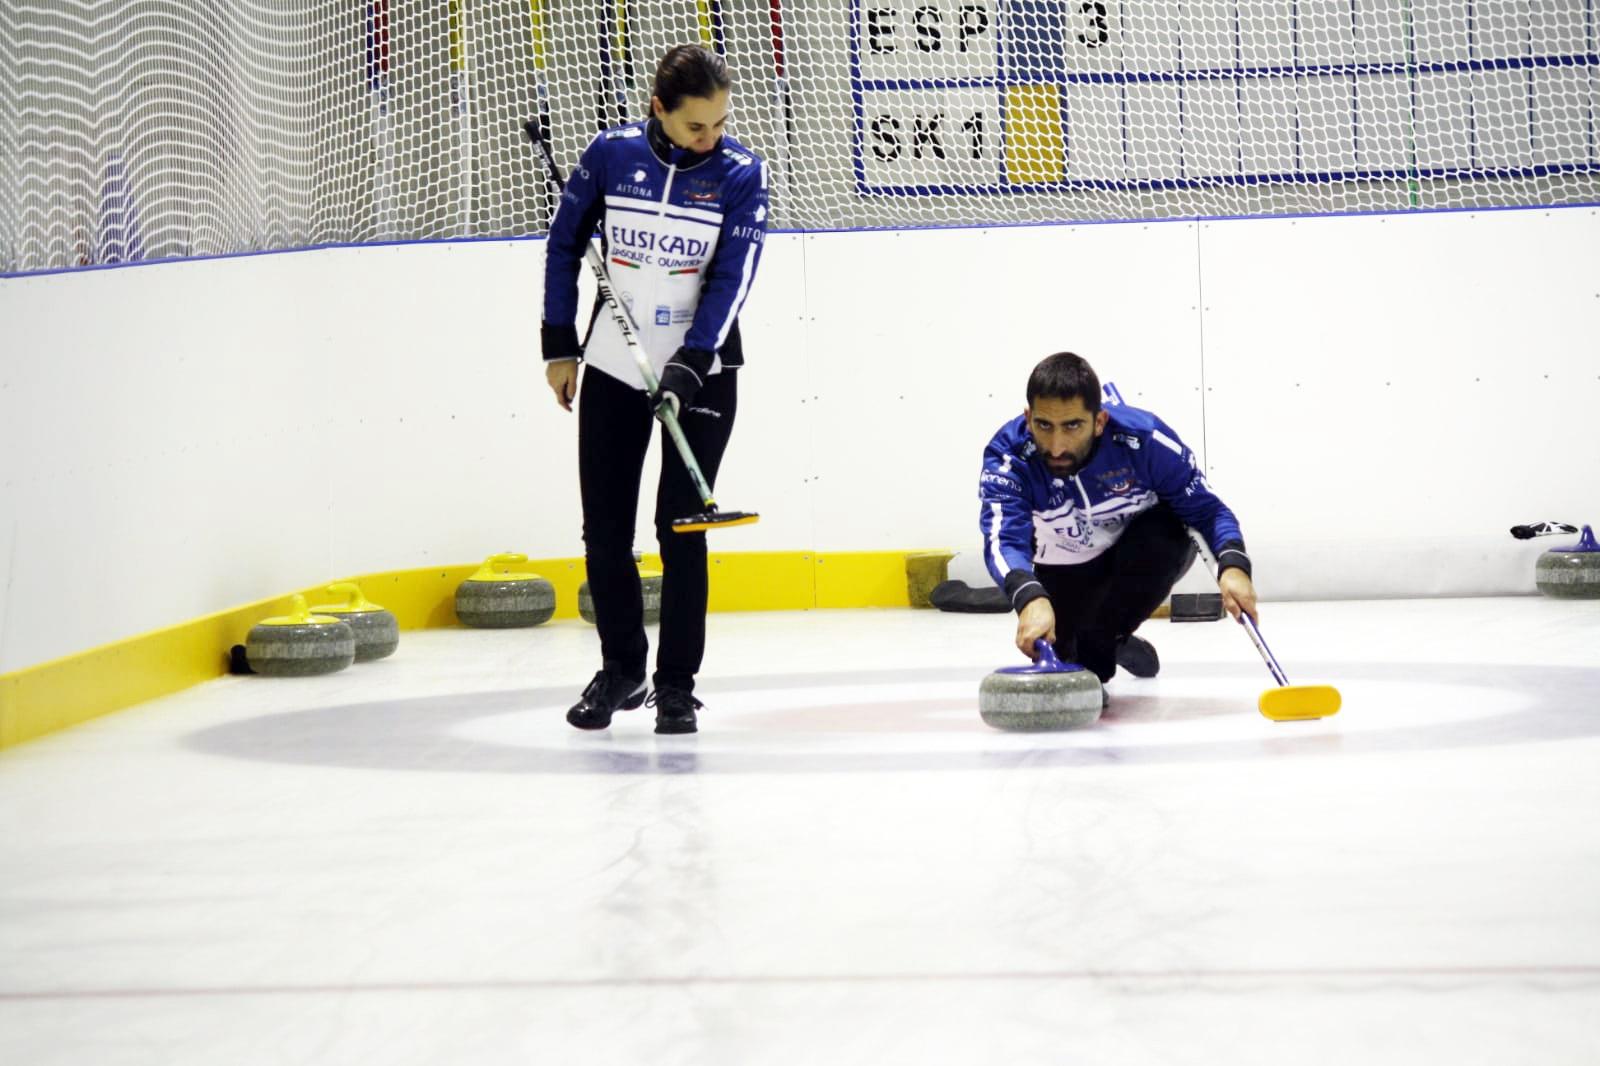 , Oihane Otaegi y Mikel Unanue, medalla de bronce en Eslovaquia, Real Federación Española Deportes de Hielo